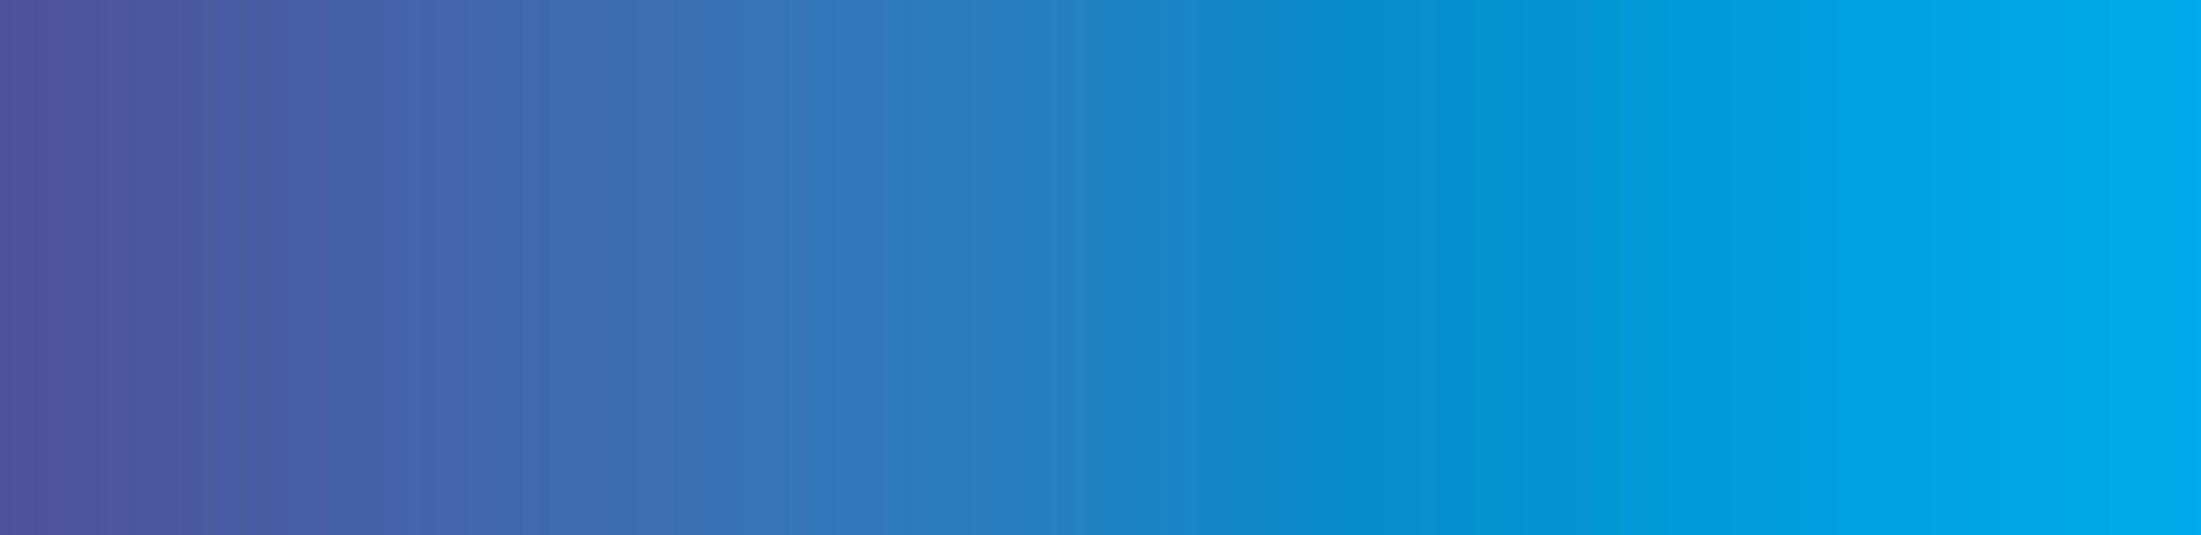 azul degrade pie de pagina jpg.jpg